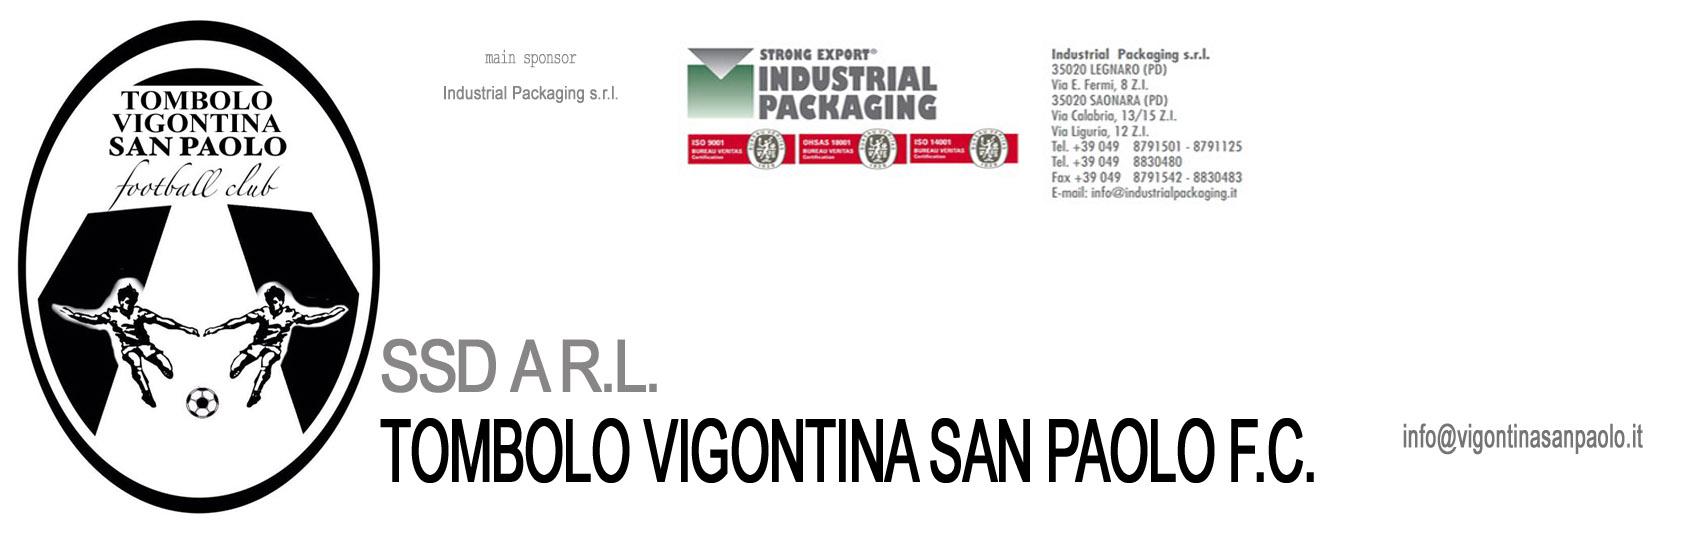 Tombolo Vigontina San Paolo FC SSD a r.l.